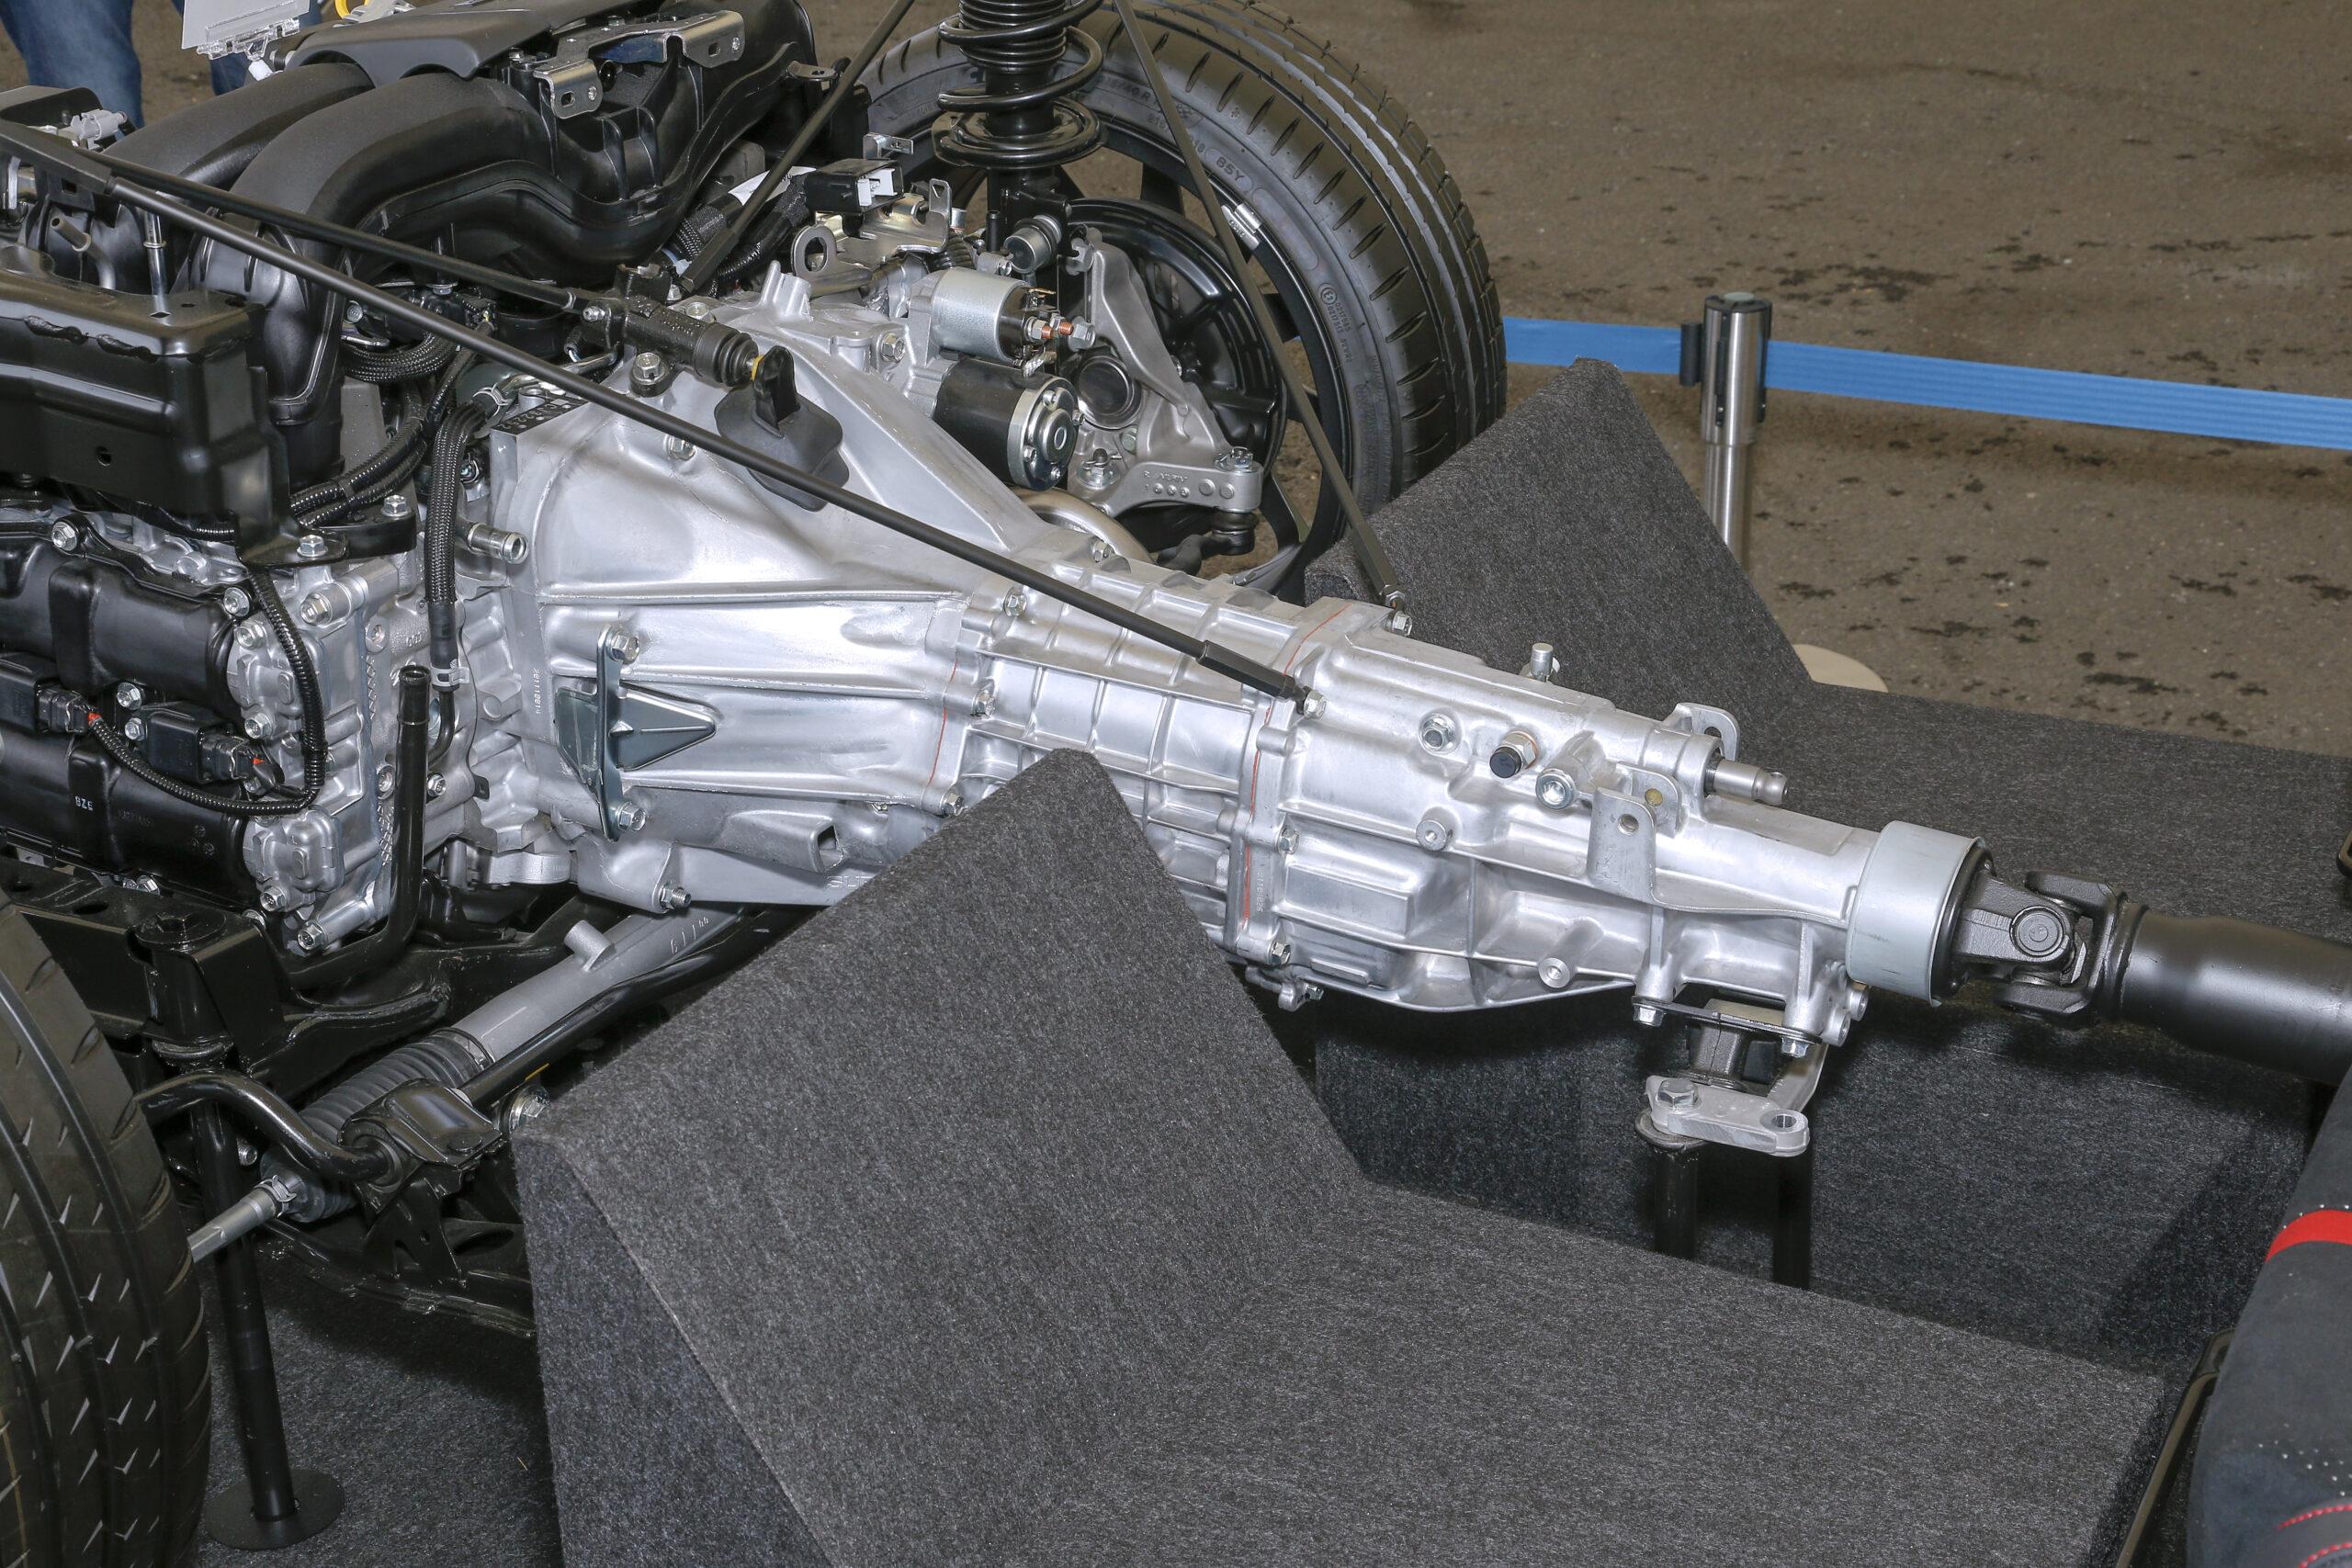 新型GR86/BRZのミッションやデフ(トルセンL.S.D.)は変わったのか?開発陣に聞いてみた